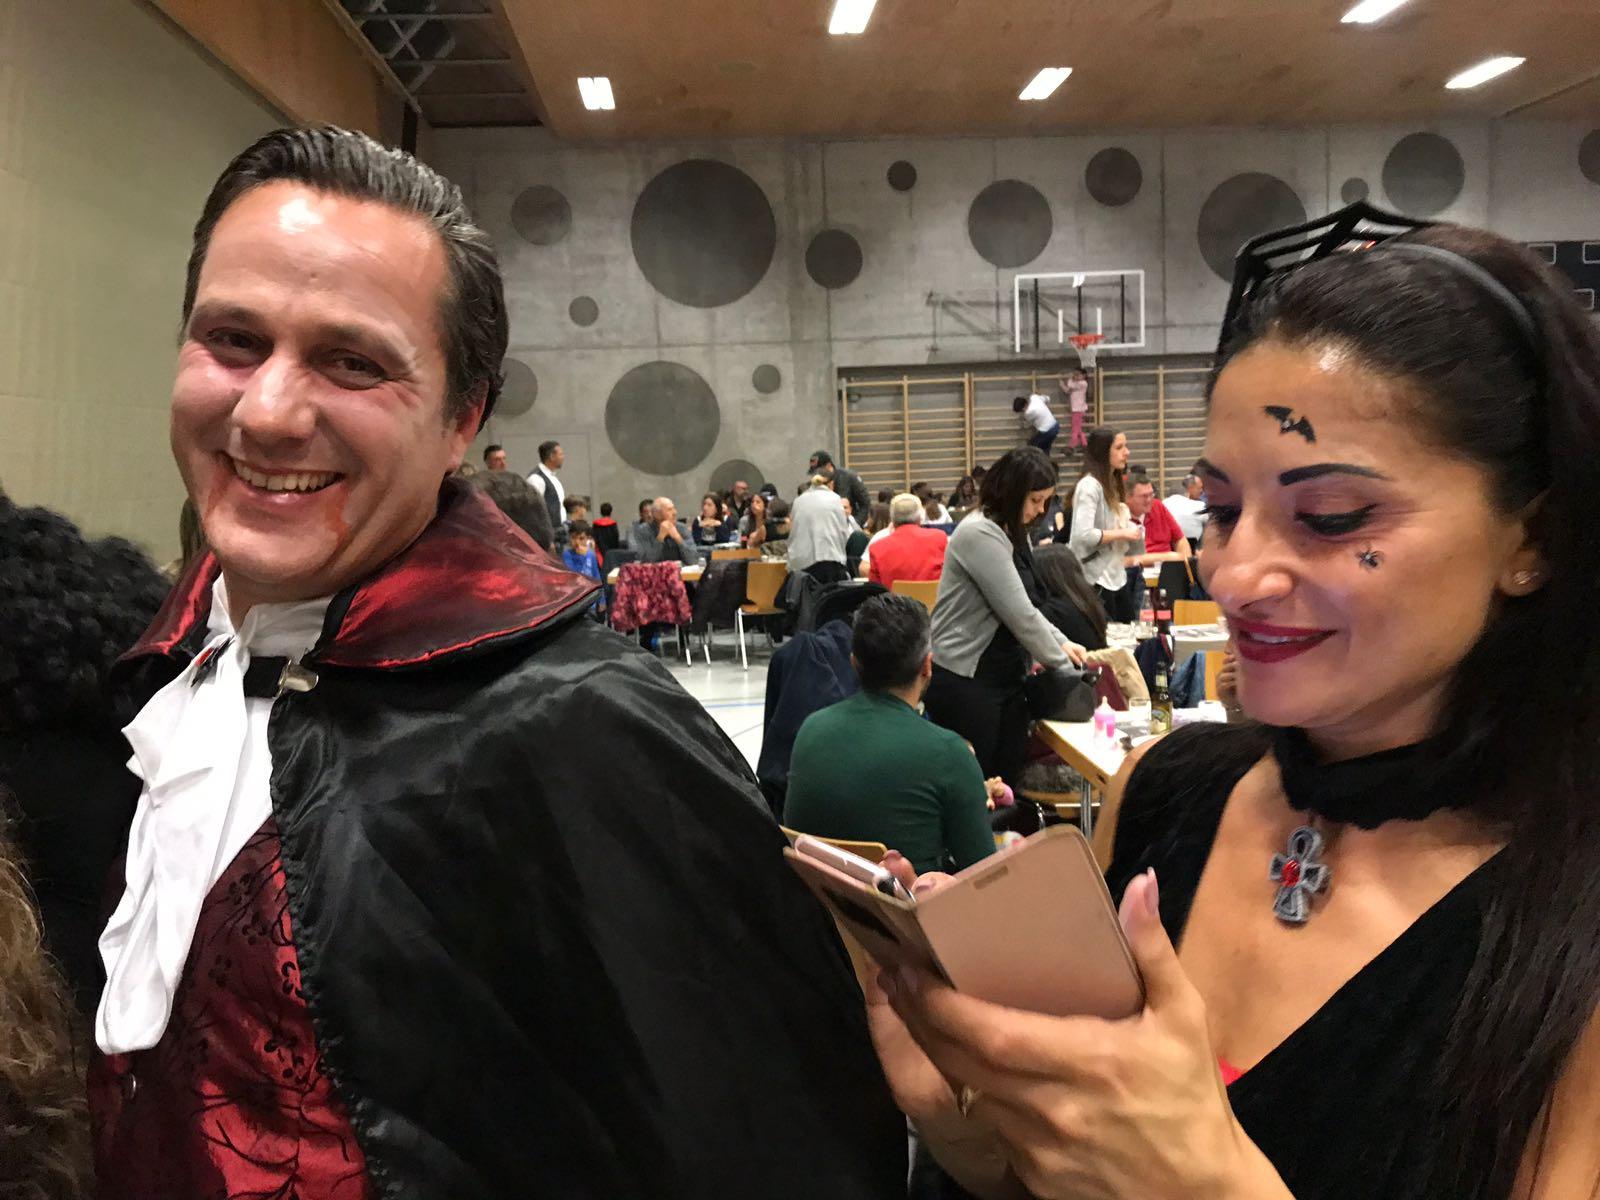 Festa della strega niederglatt-21